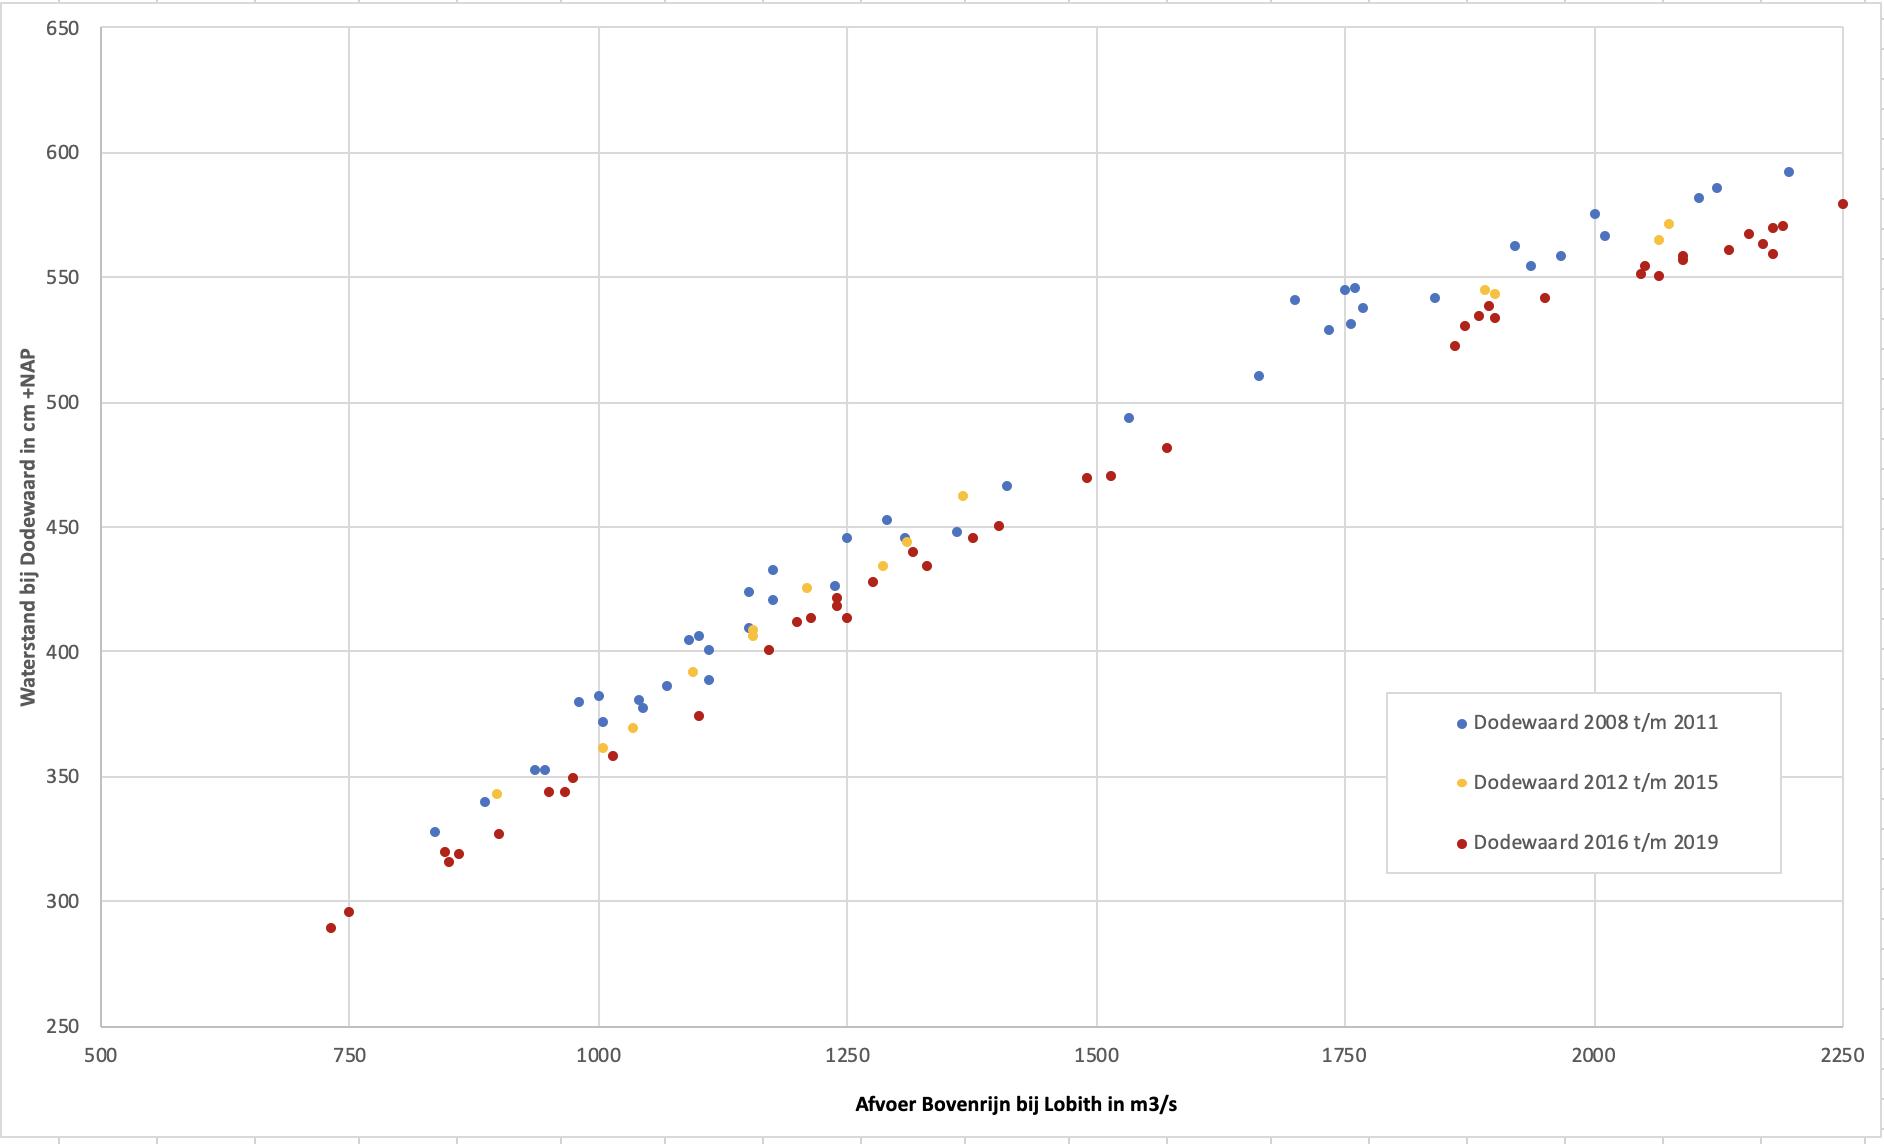 Verloop van de waterstanden bij Dodewaard bij de lagere rivierafvoeren. In blauw de metingen van 2008 t/m 2011, in oranje van 2012 t/m 2015 en in rood vanaf 2016, na de aanleg van de langsdammen.